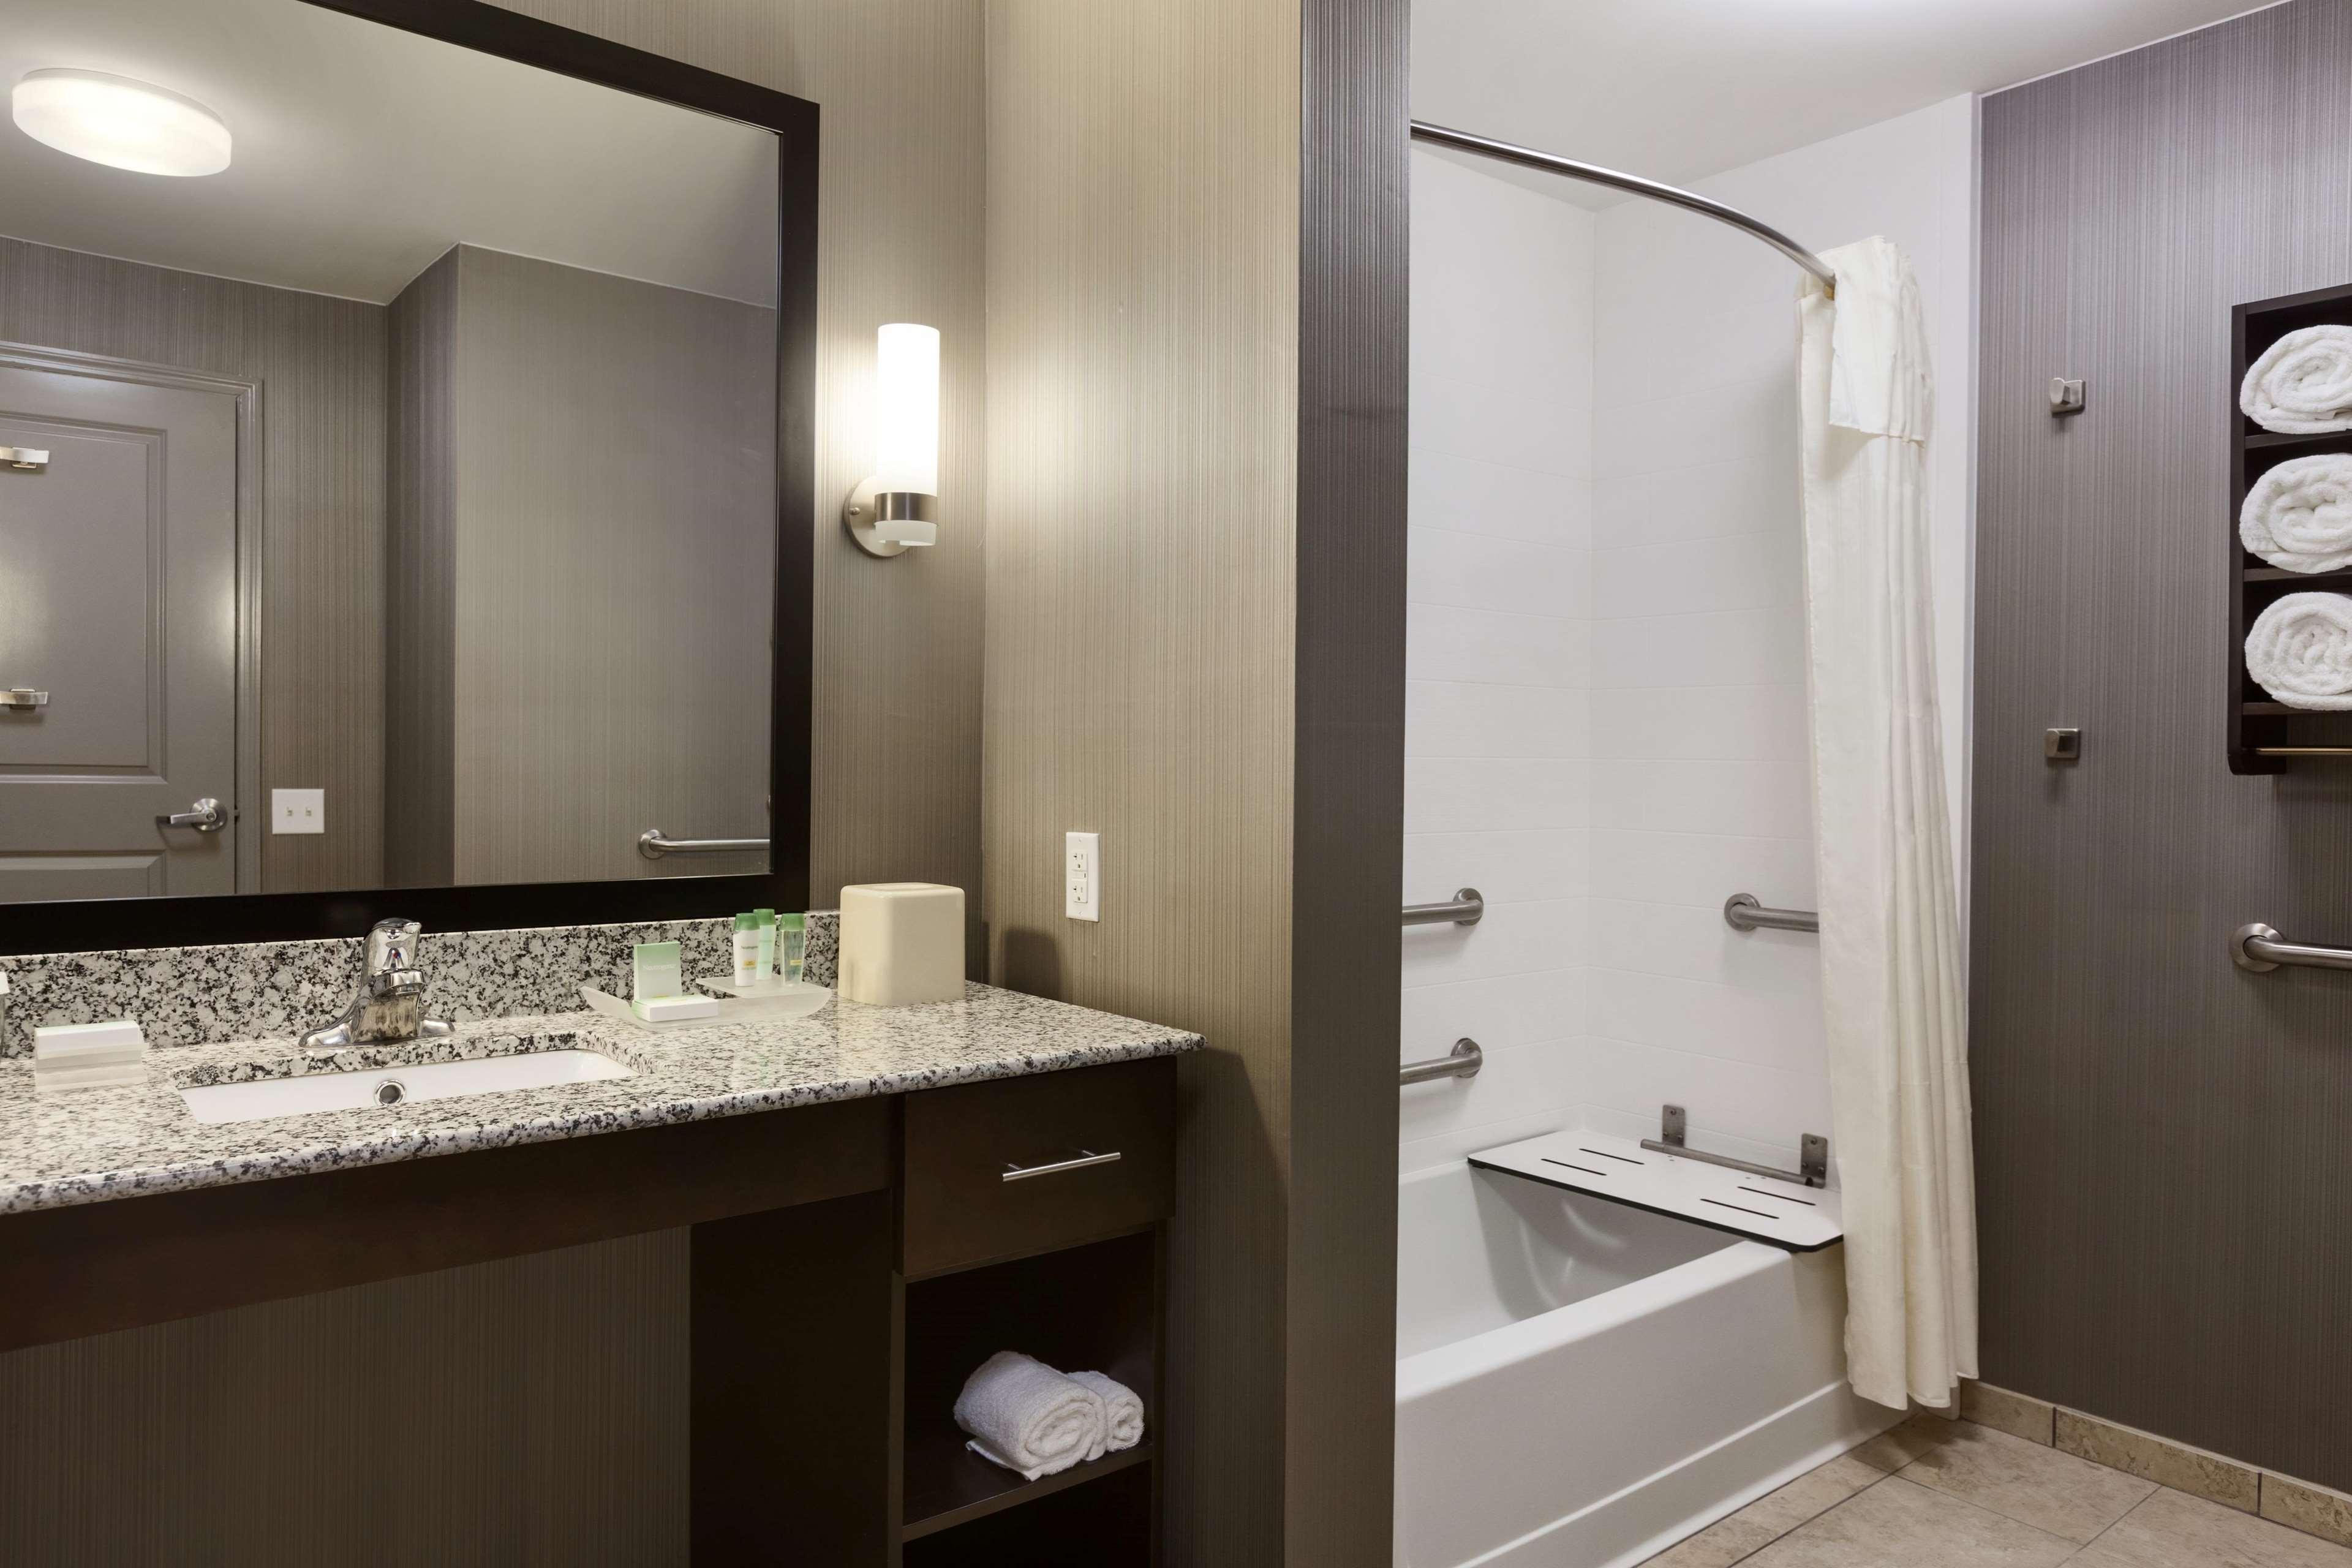 Homewood Suites by Hilton Huntsville-Downtown, AL image 16